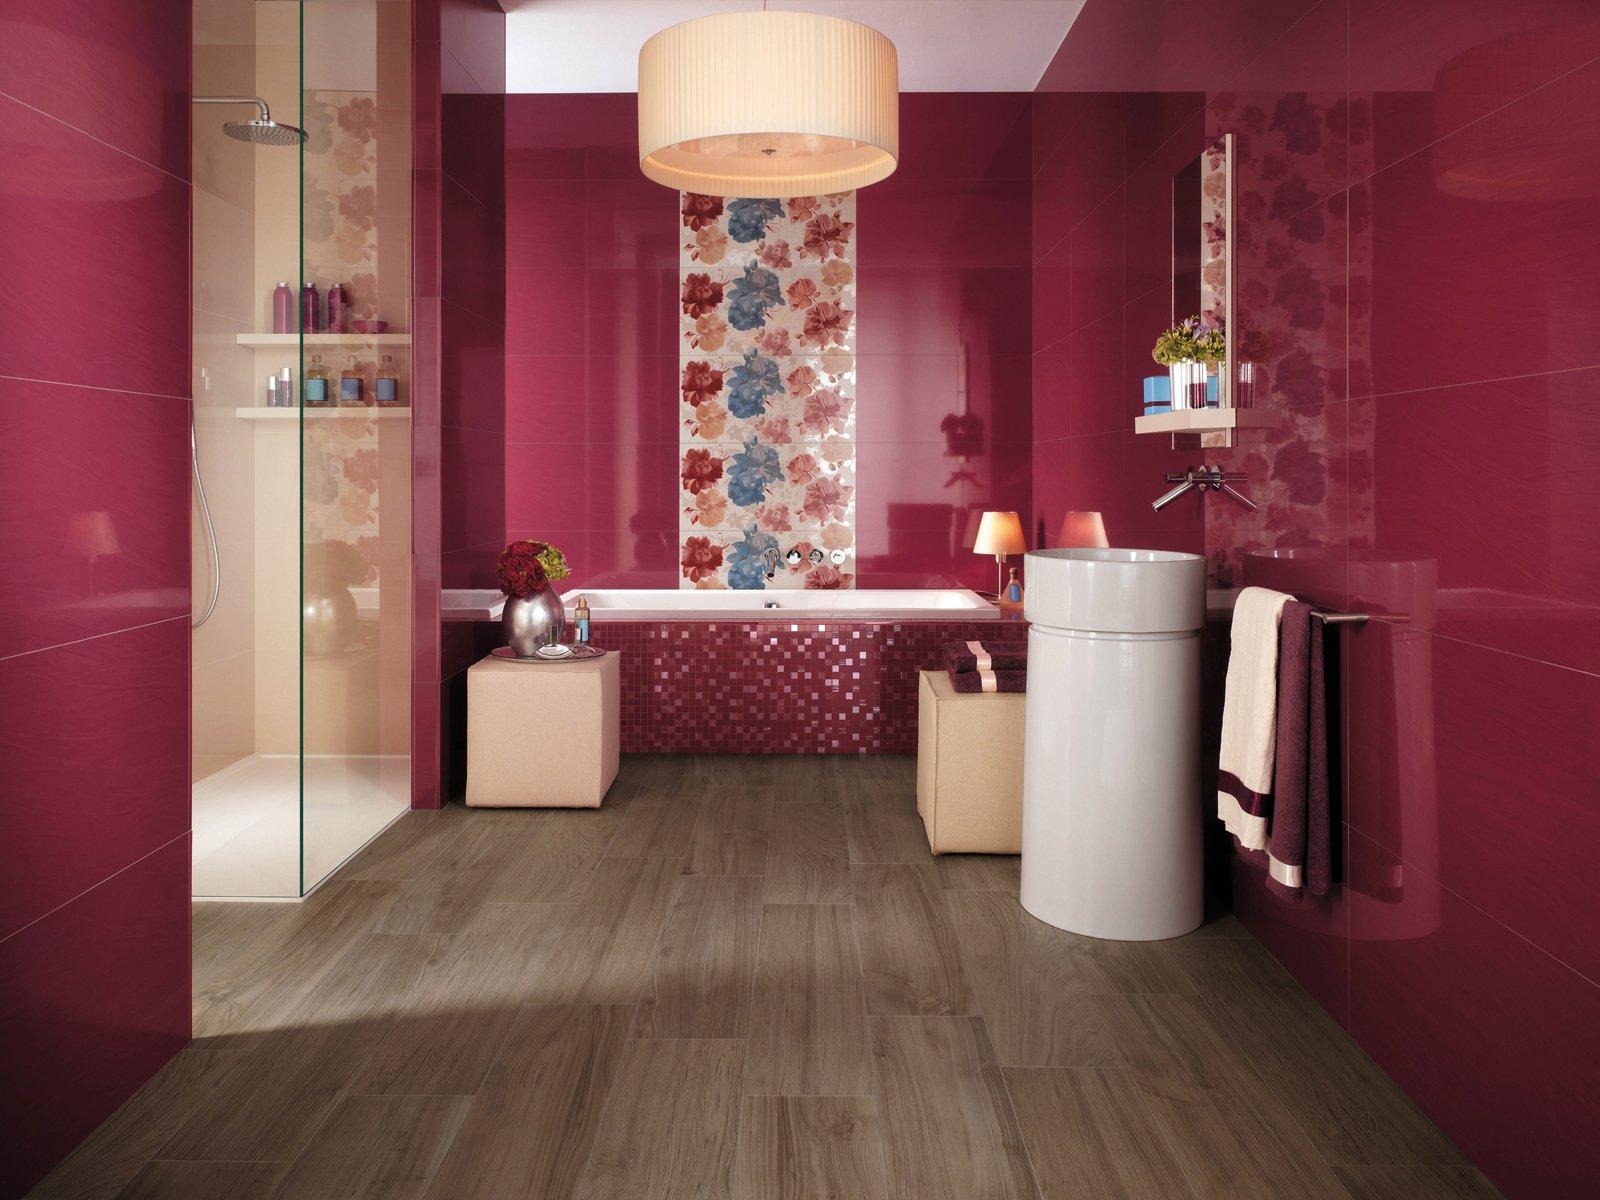 Ceramiche le piastrelle belle e durevoli cose di casa - Atlas concorde bagno ...